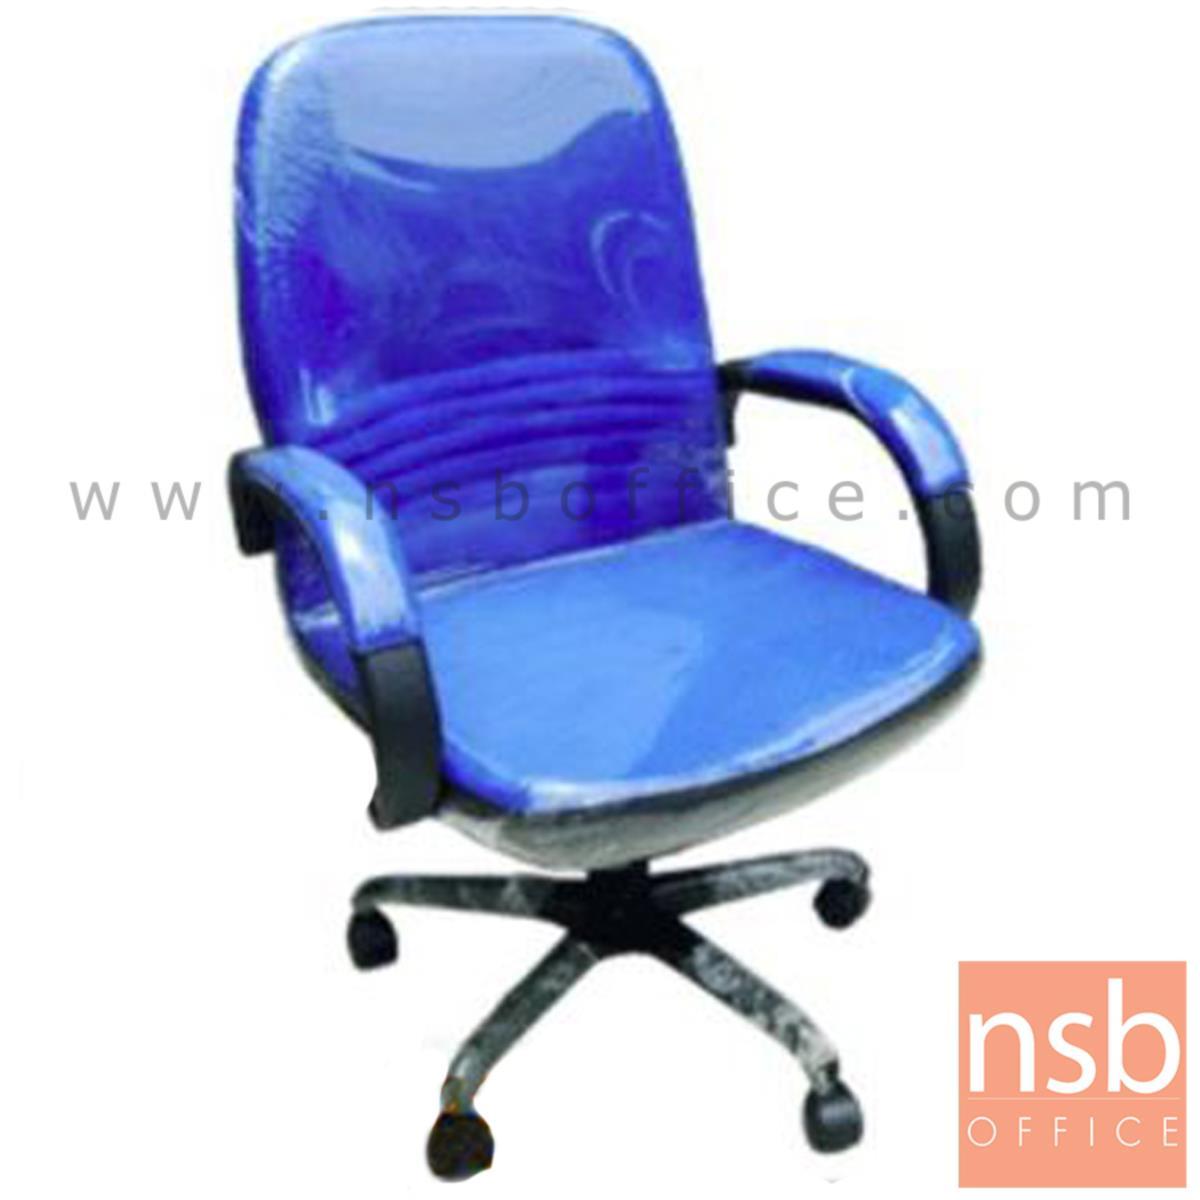 B03A055:เก้าอี้สำนักงาน รุ่น Esme (เอสเม่)  ขาเหล็ก